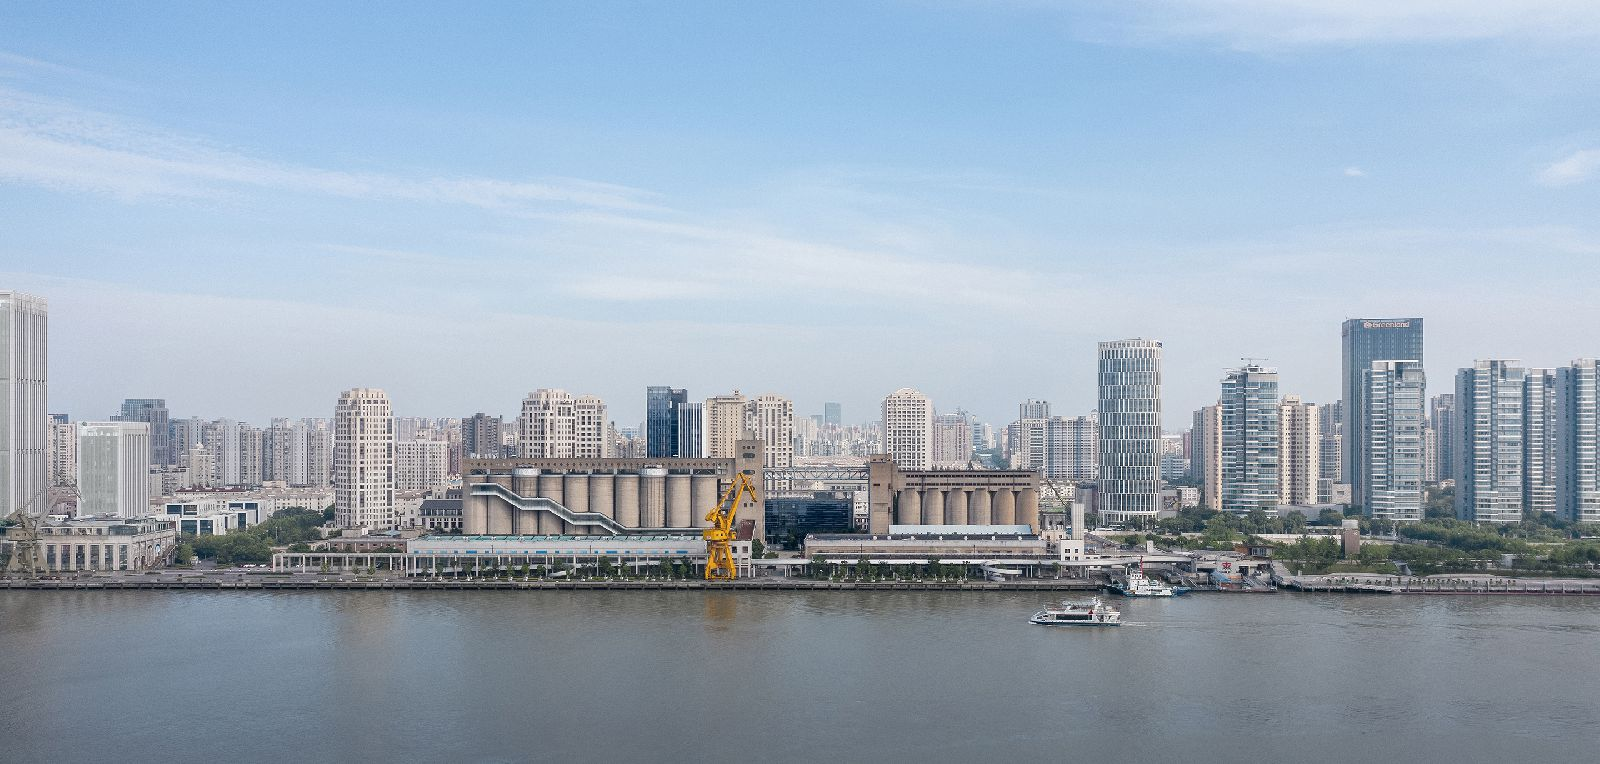 Minsheng Wharf Block